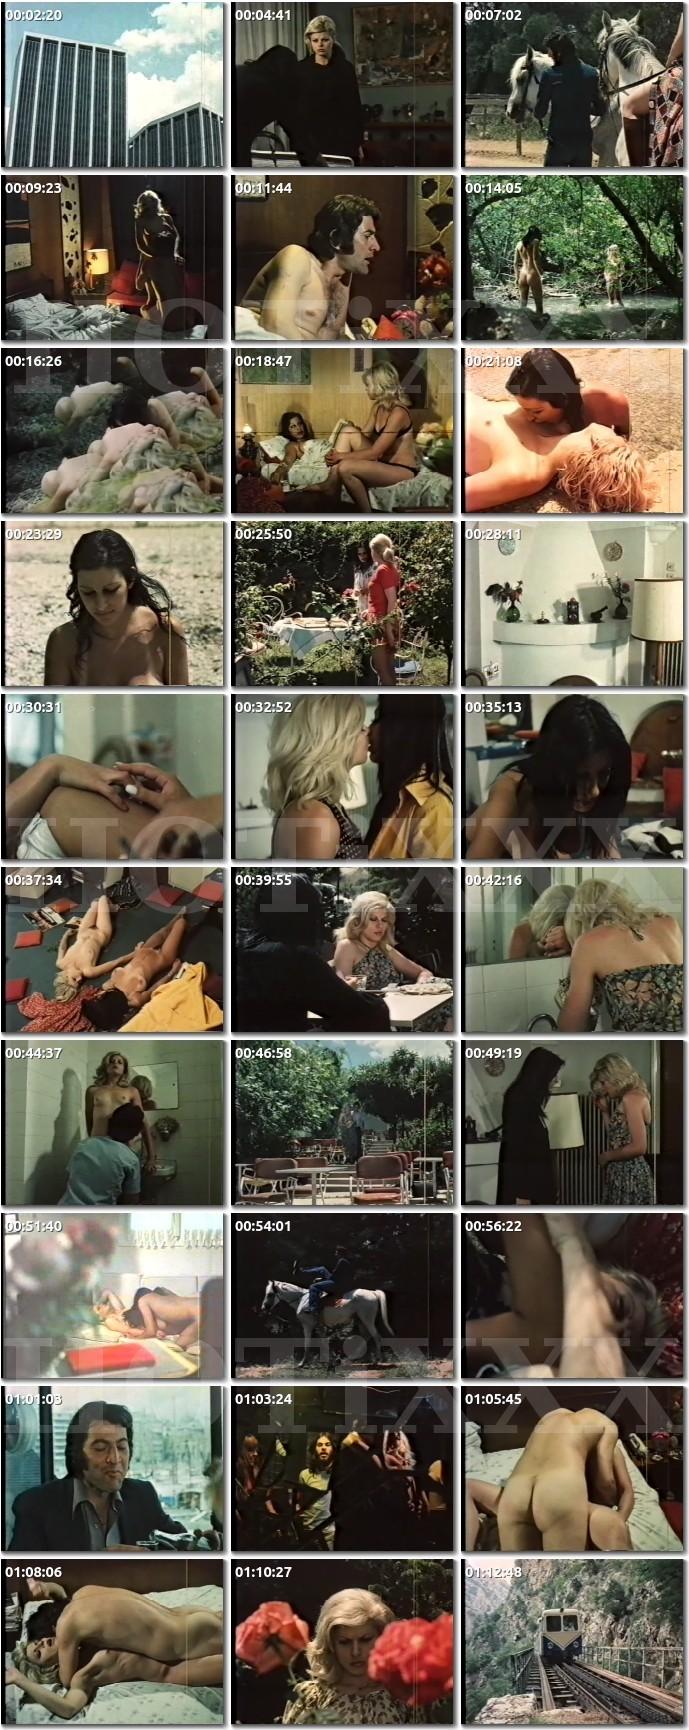 smotret-filmi-eroticheskie-drama